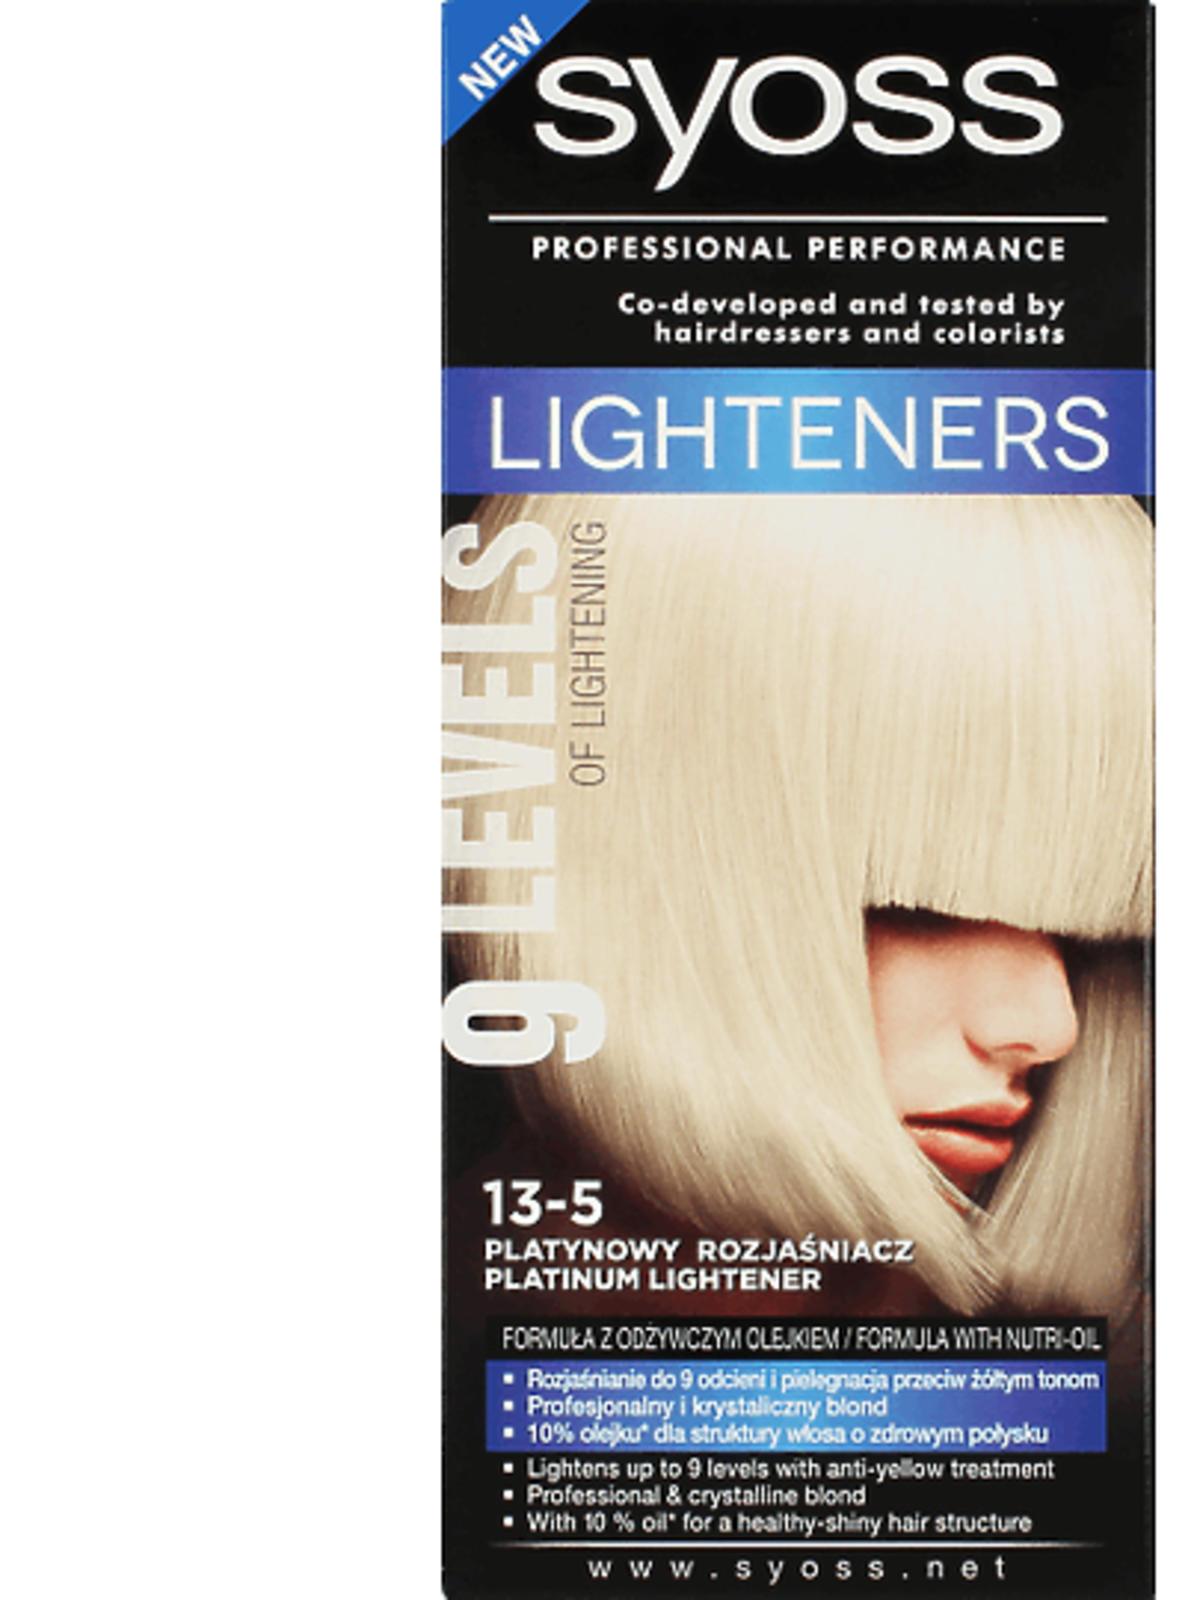 SYOSS, Lighteners, platynowy rozjaśniacz do włosów nr 13-5, 15,99 zł